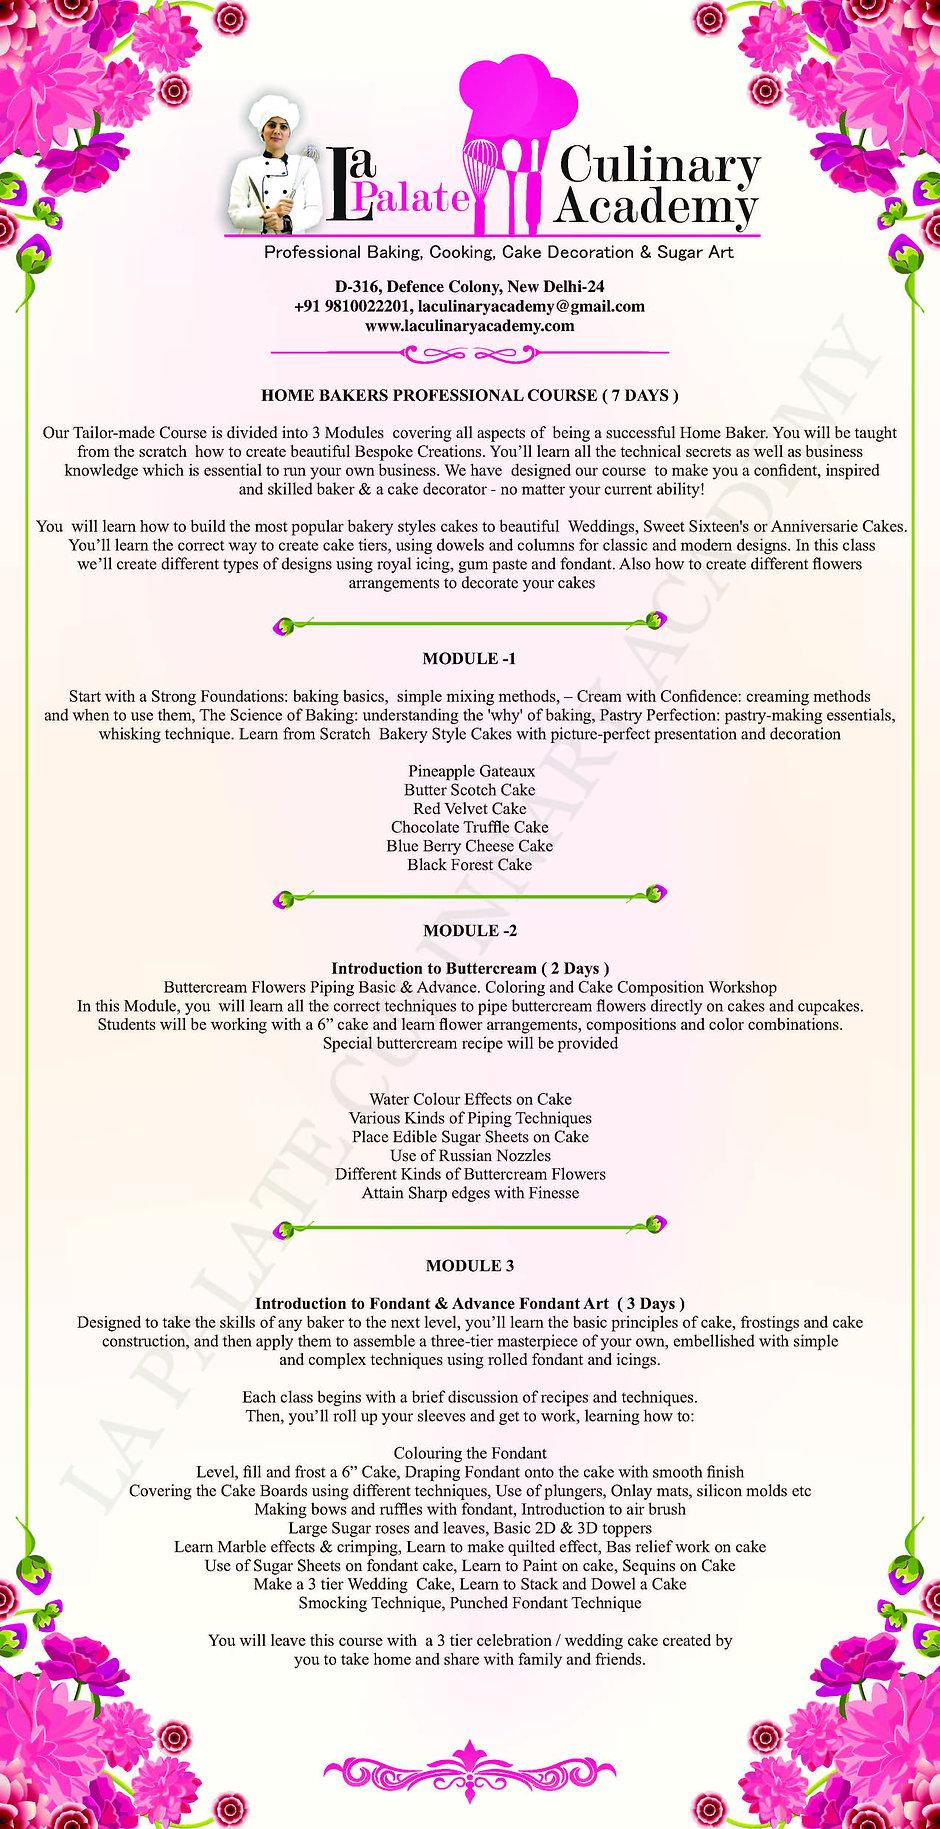 Professional Baking Classes & Courses Delhi, Cake Decoration Classes Delhi  , Sugar & Fondant Craft Courses & Classes in Delhi , South Delhi , New Delhi, Cookery Classes Delhi i – La Palate Culinary Academy.